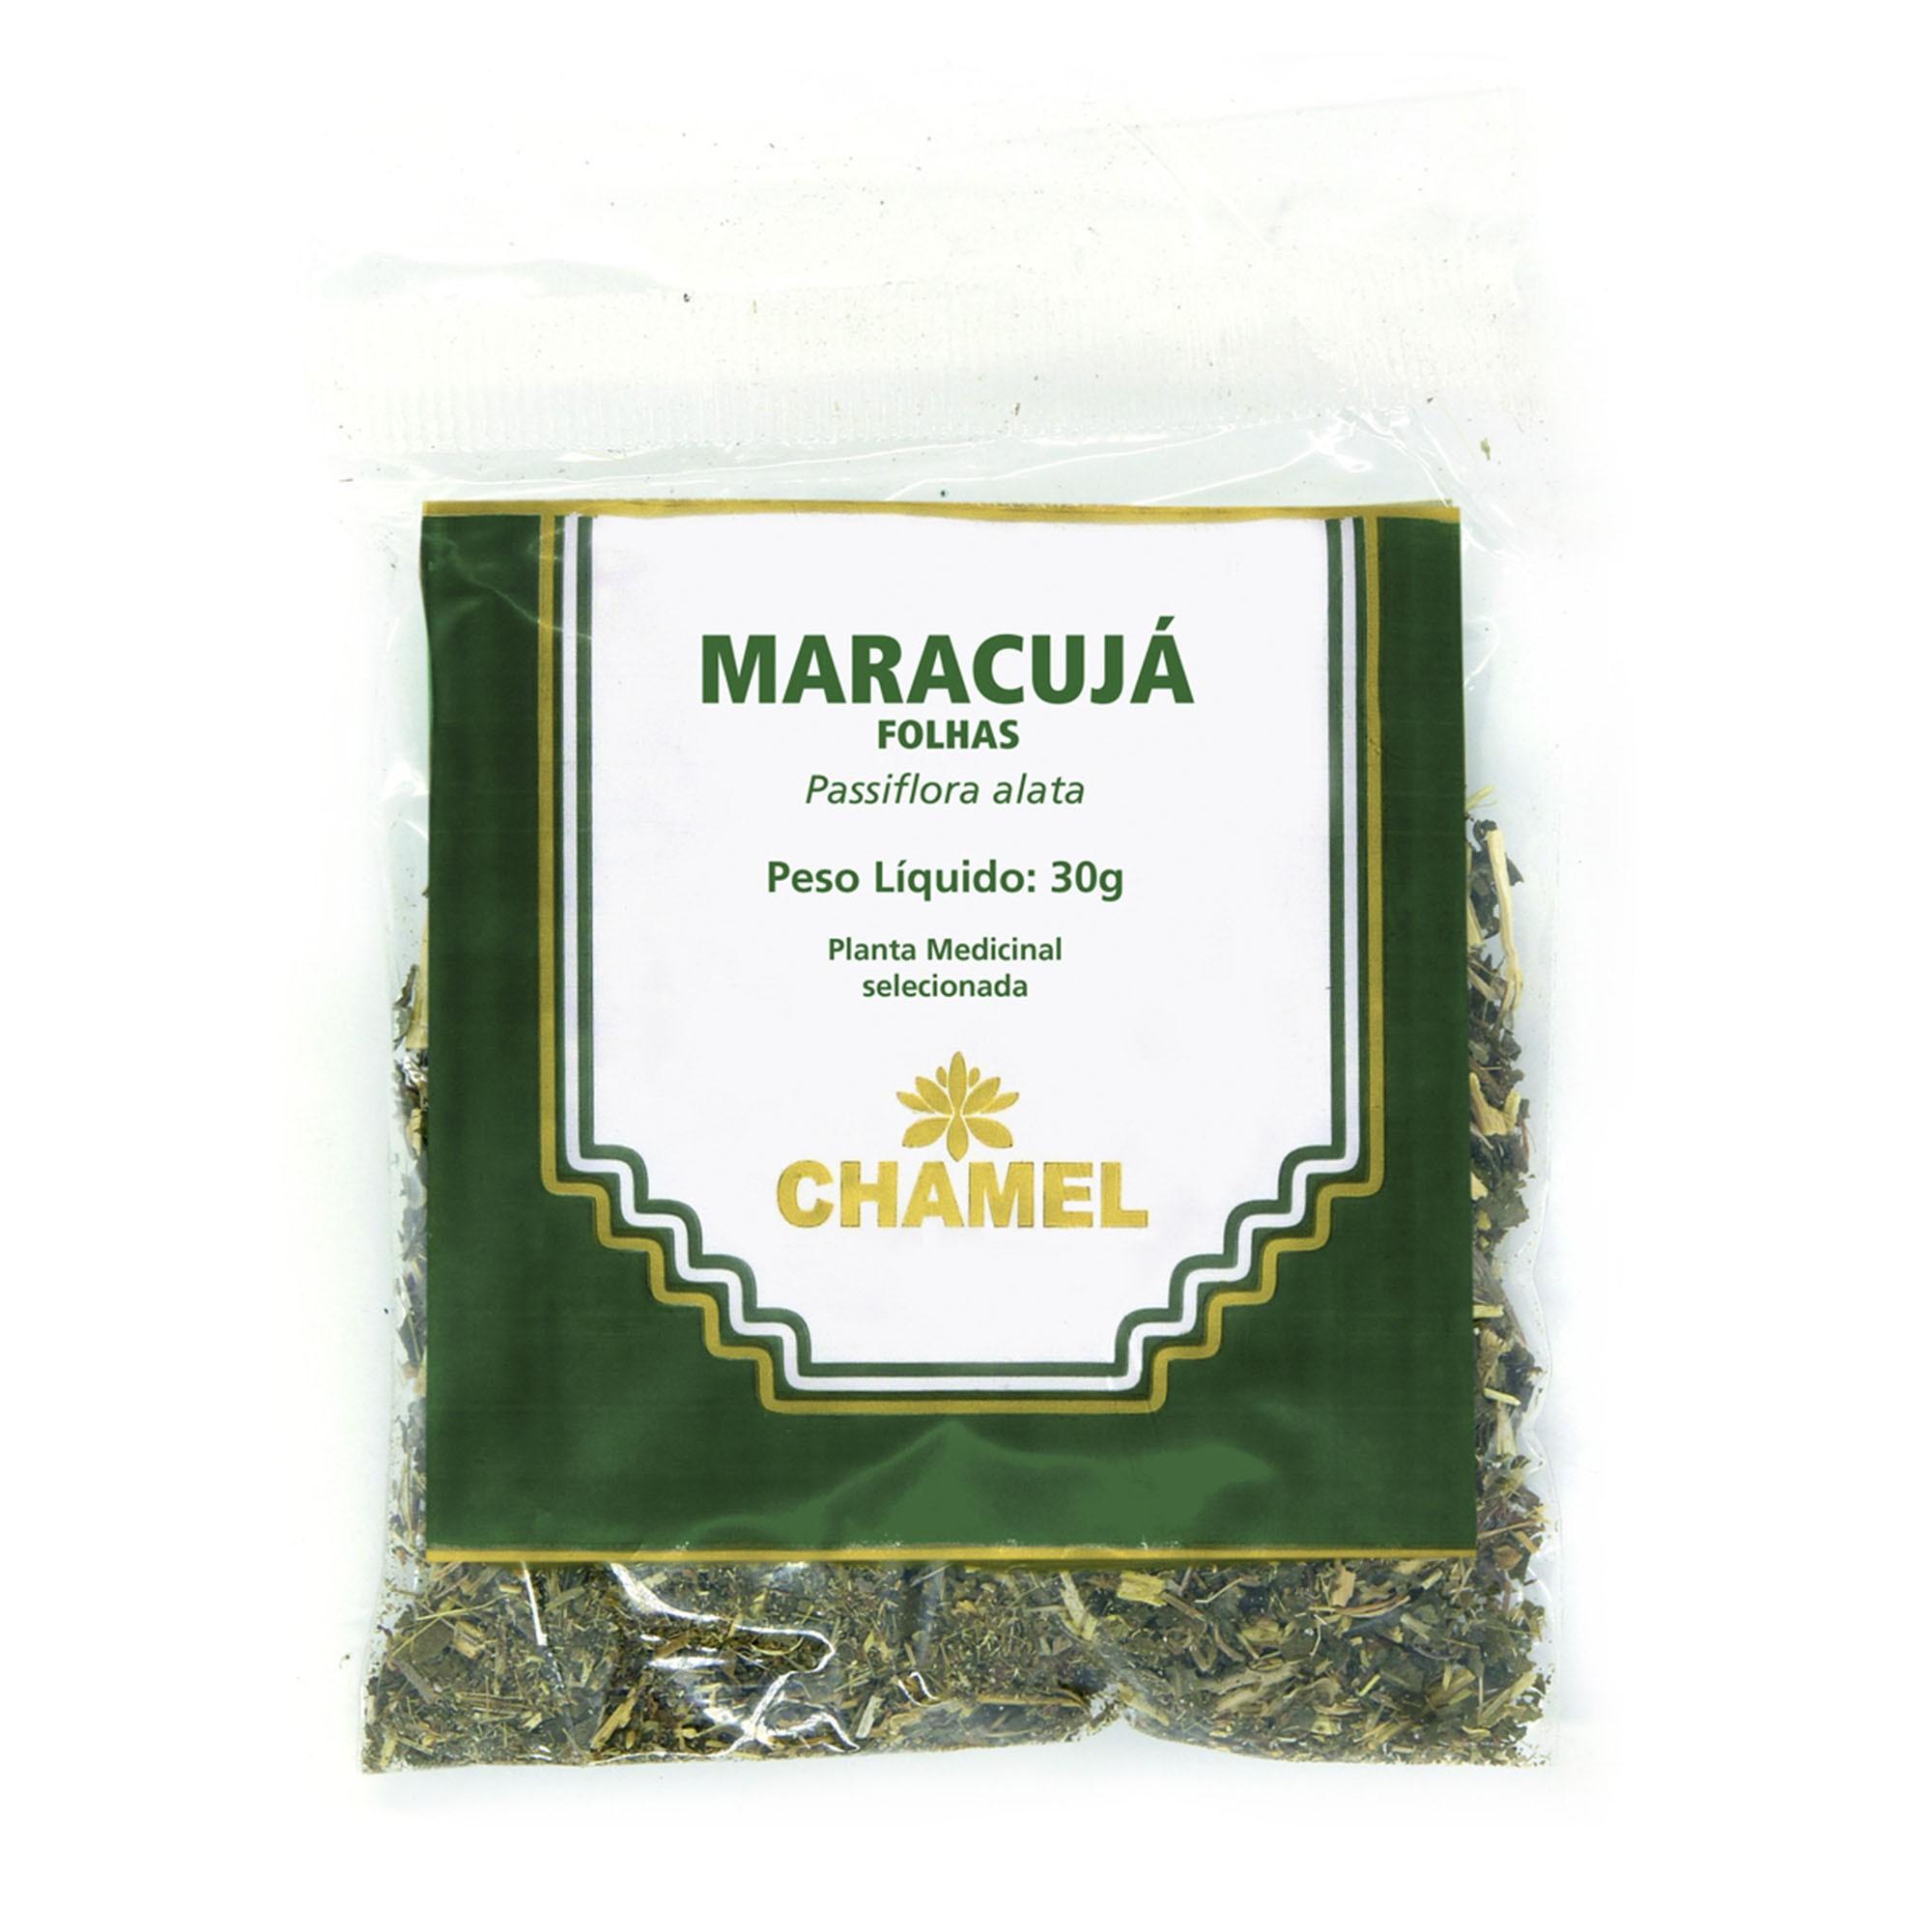 Maracujá 30g Chamel - Chá-Folhas